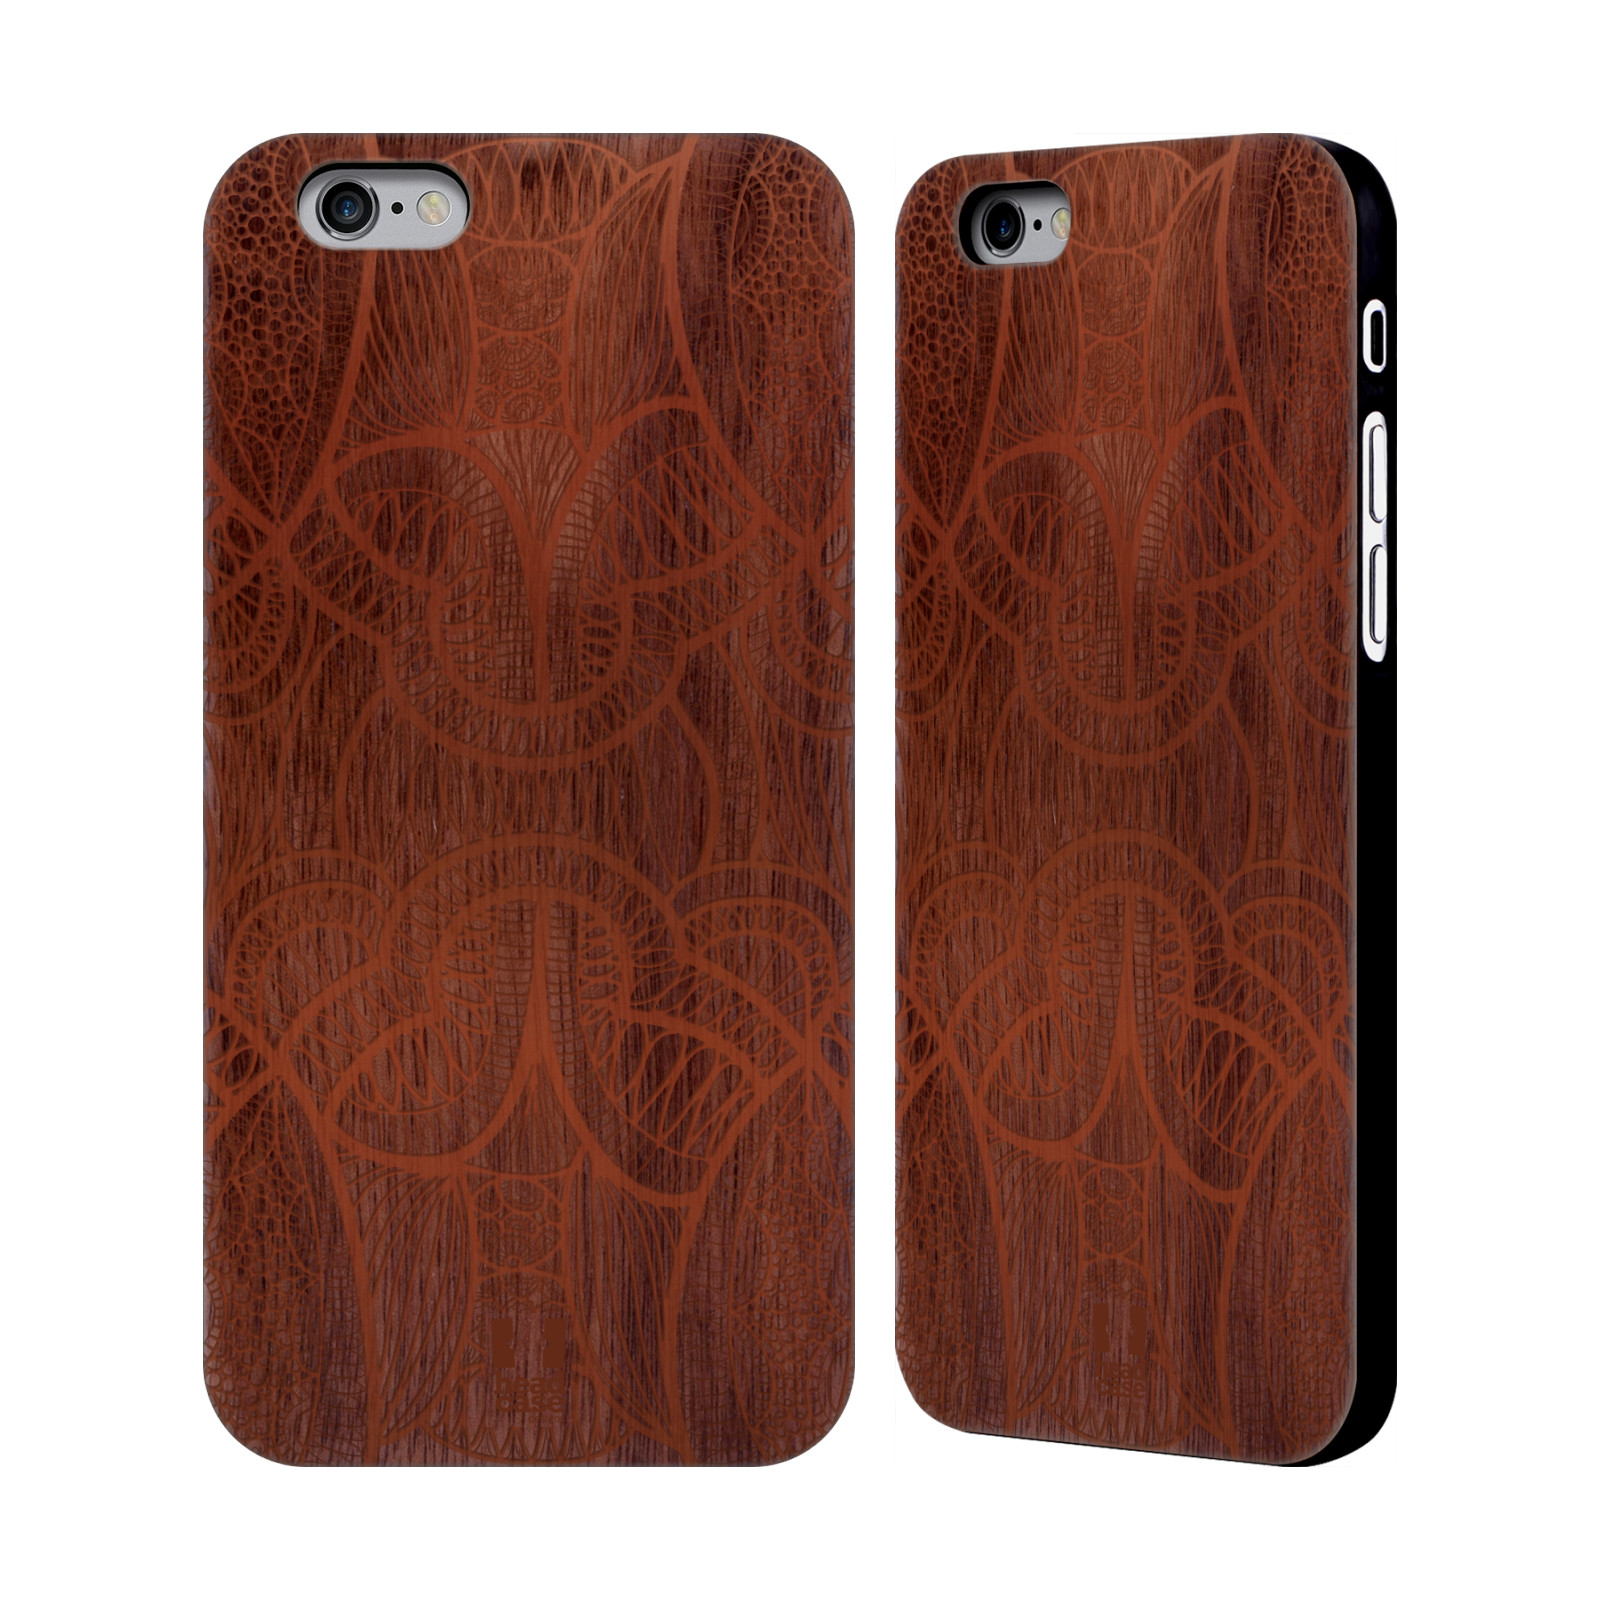 head case designs wood art walnut wooden back case cover. Black Bedroom Furniture Sets. Home Design Ideas